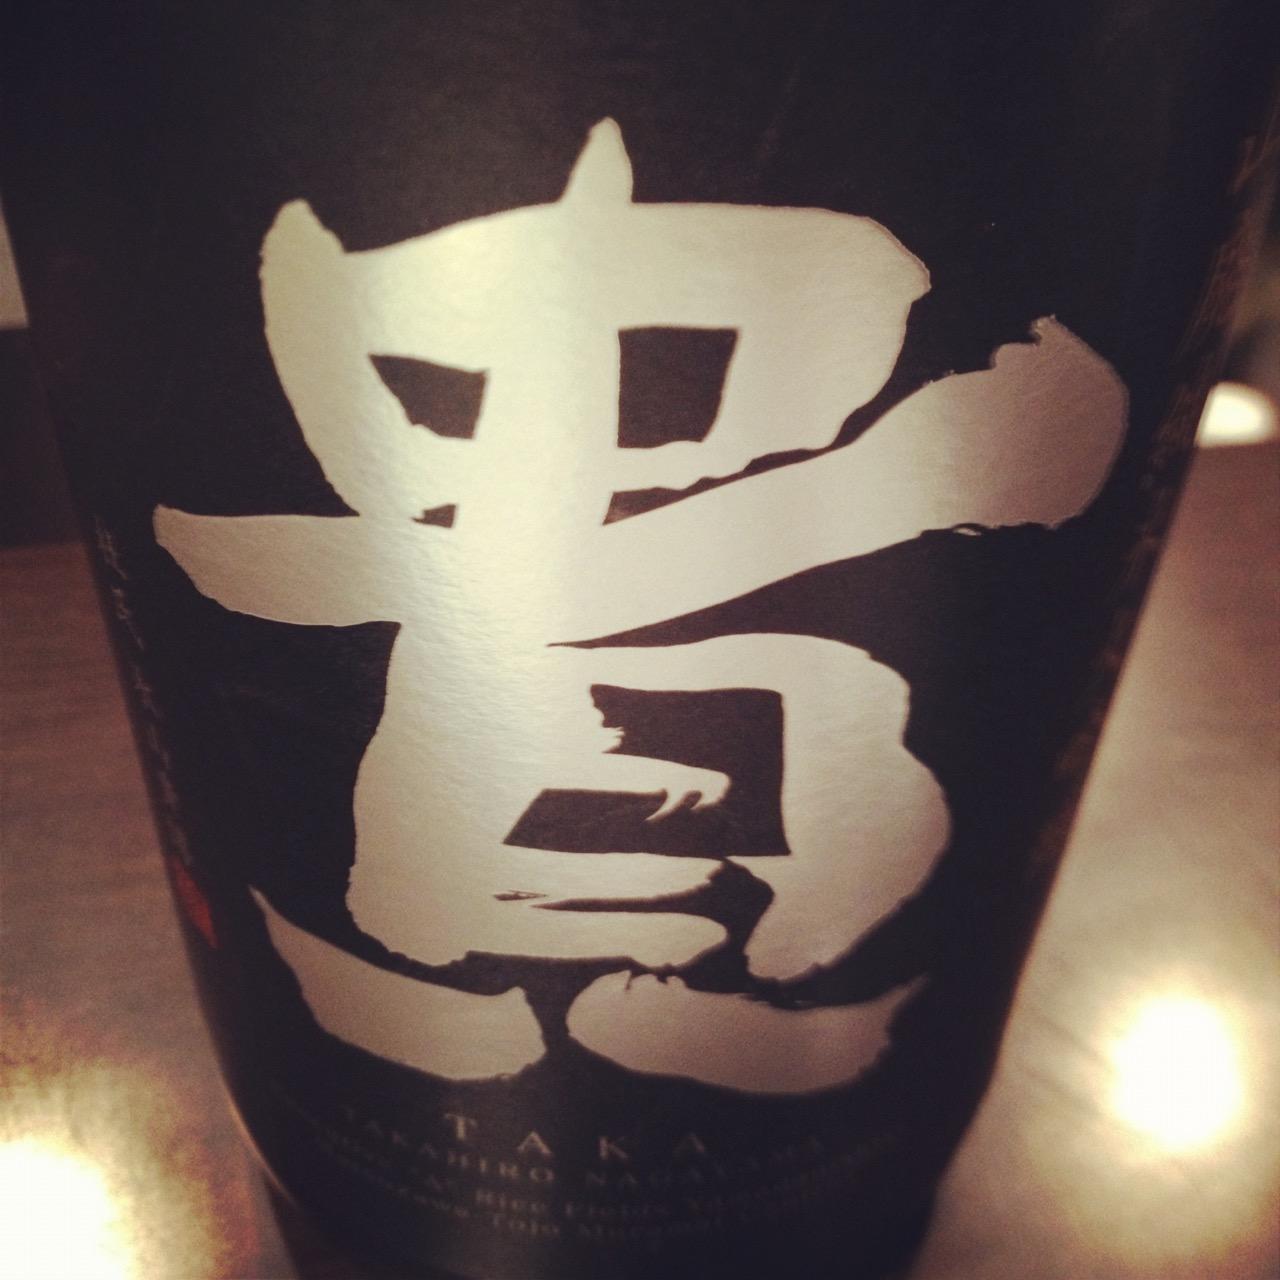 山廃純米大吟醸 貴 2009 Vintage 酒米収穫年 日本酒テイスティングノート